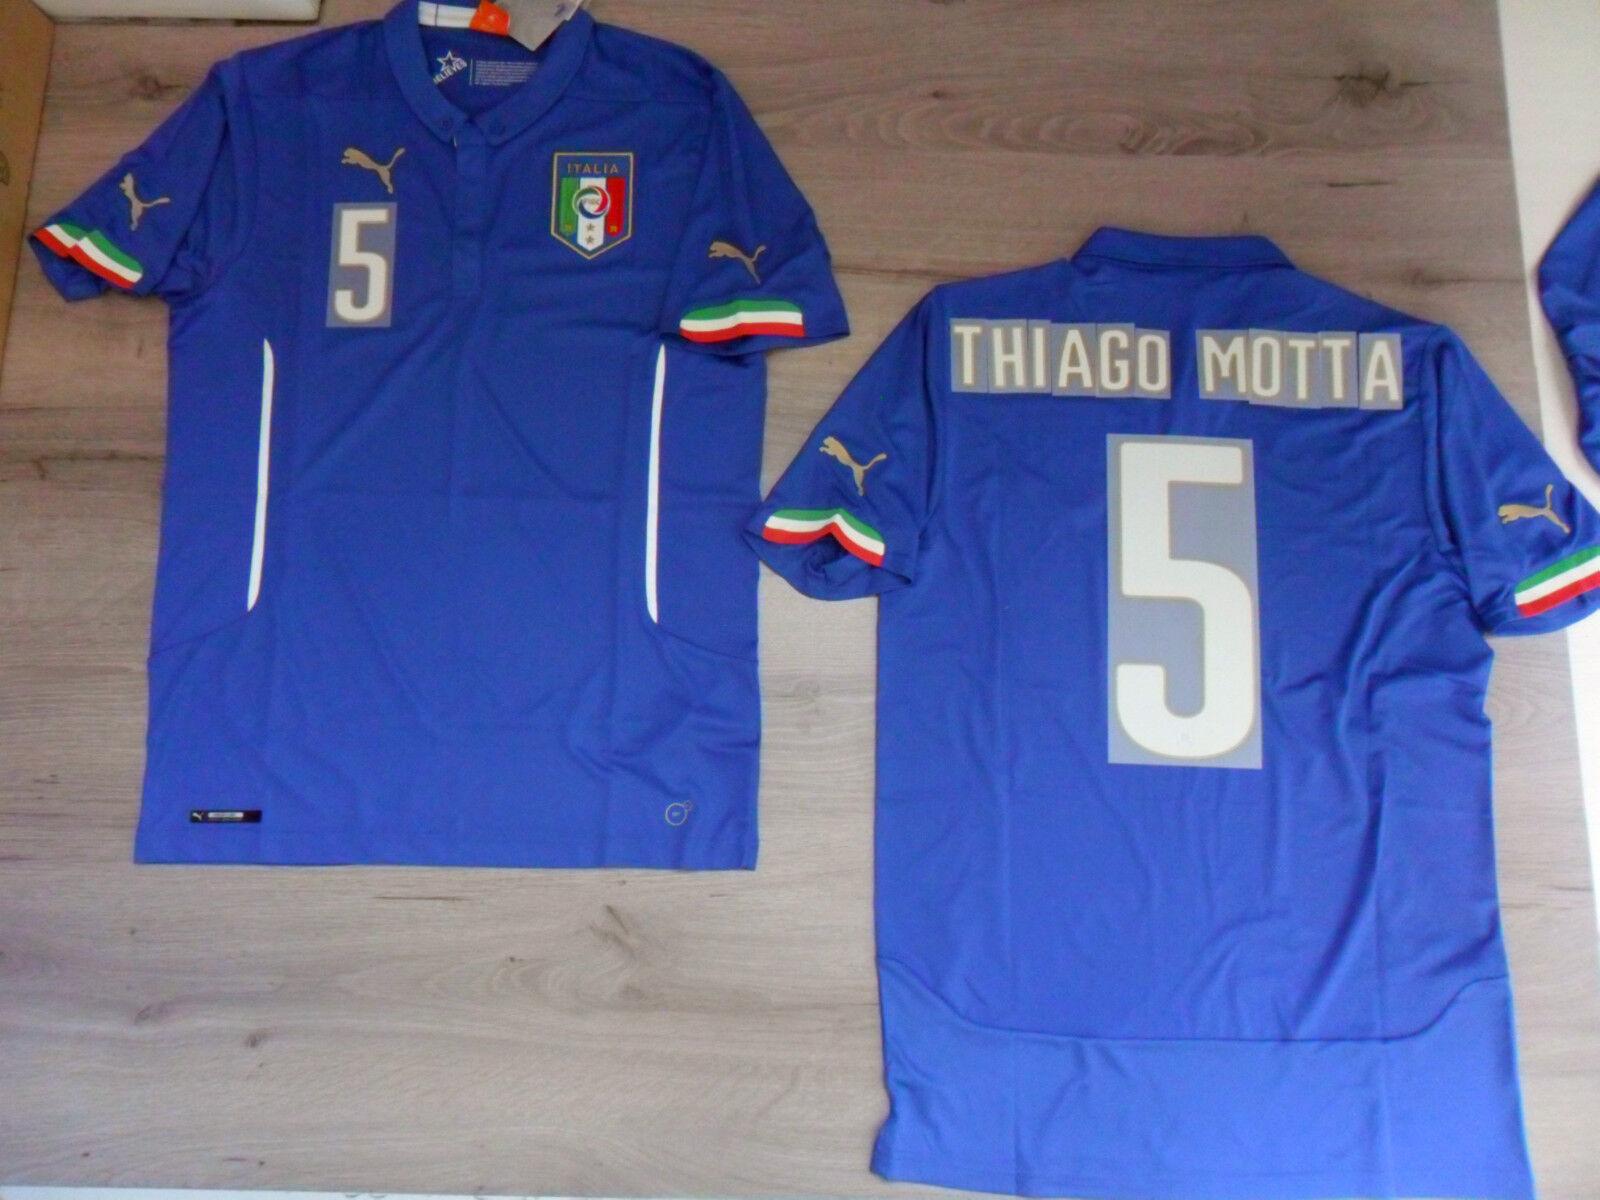 FW14 PUMA XL HOME ITALIEN 5 THIAGO MOTTA T-SHIRT T-SHIRT MOTTA WELT TRIKOT JERSEY b33d21